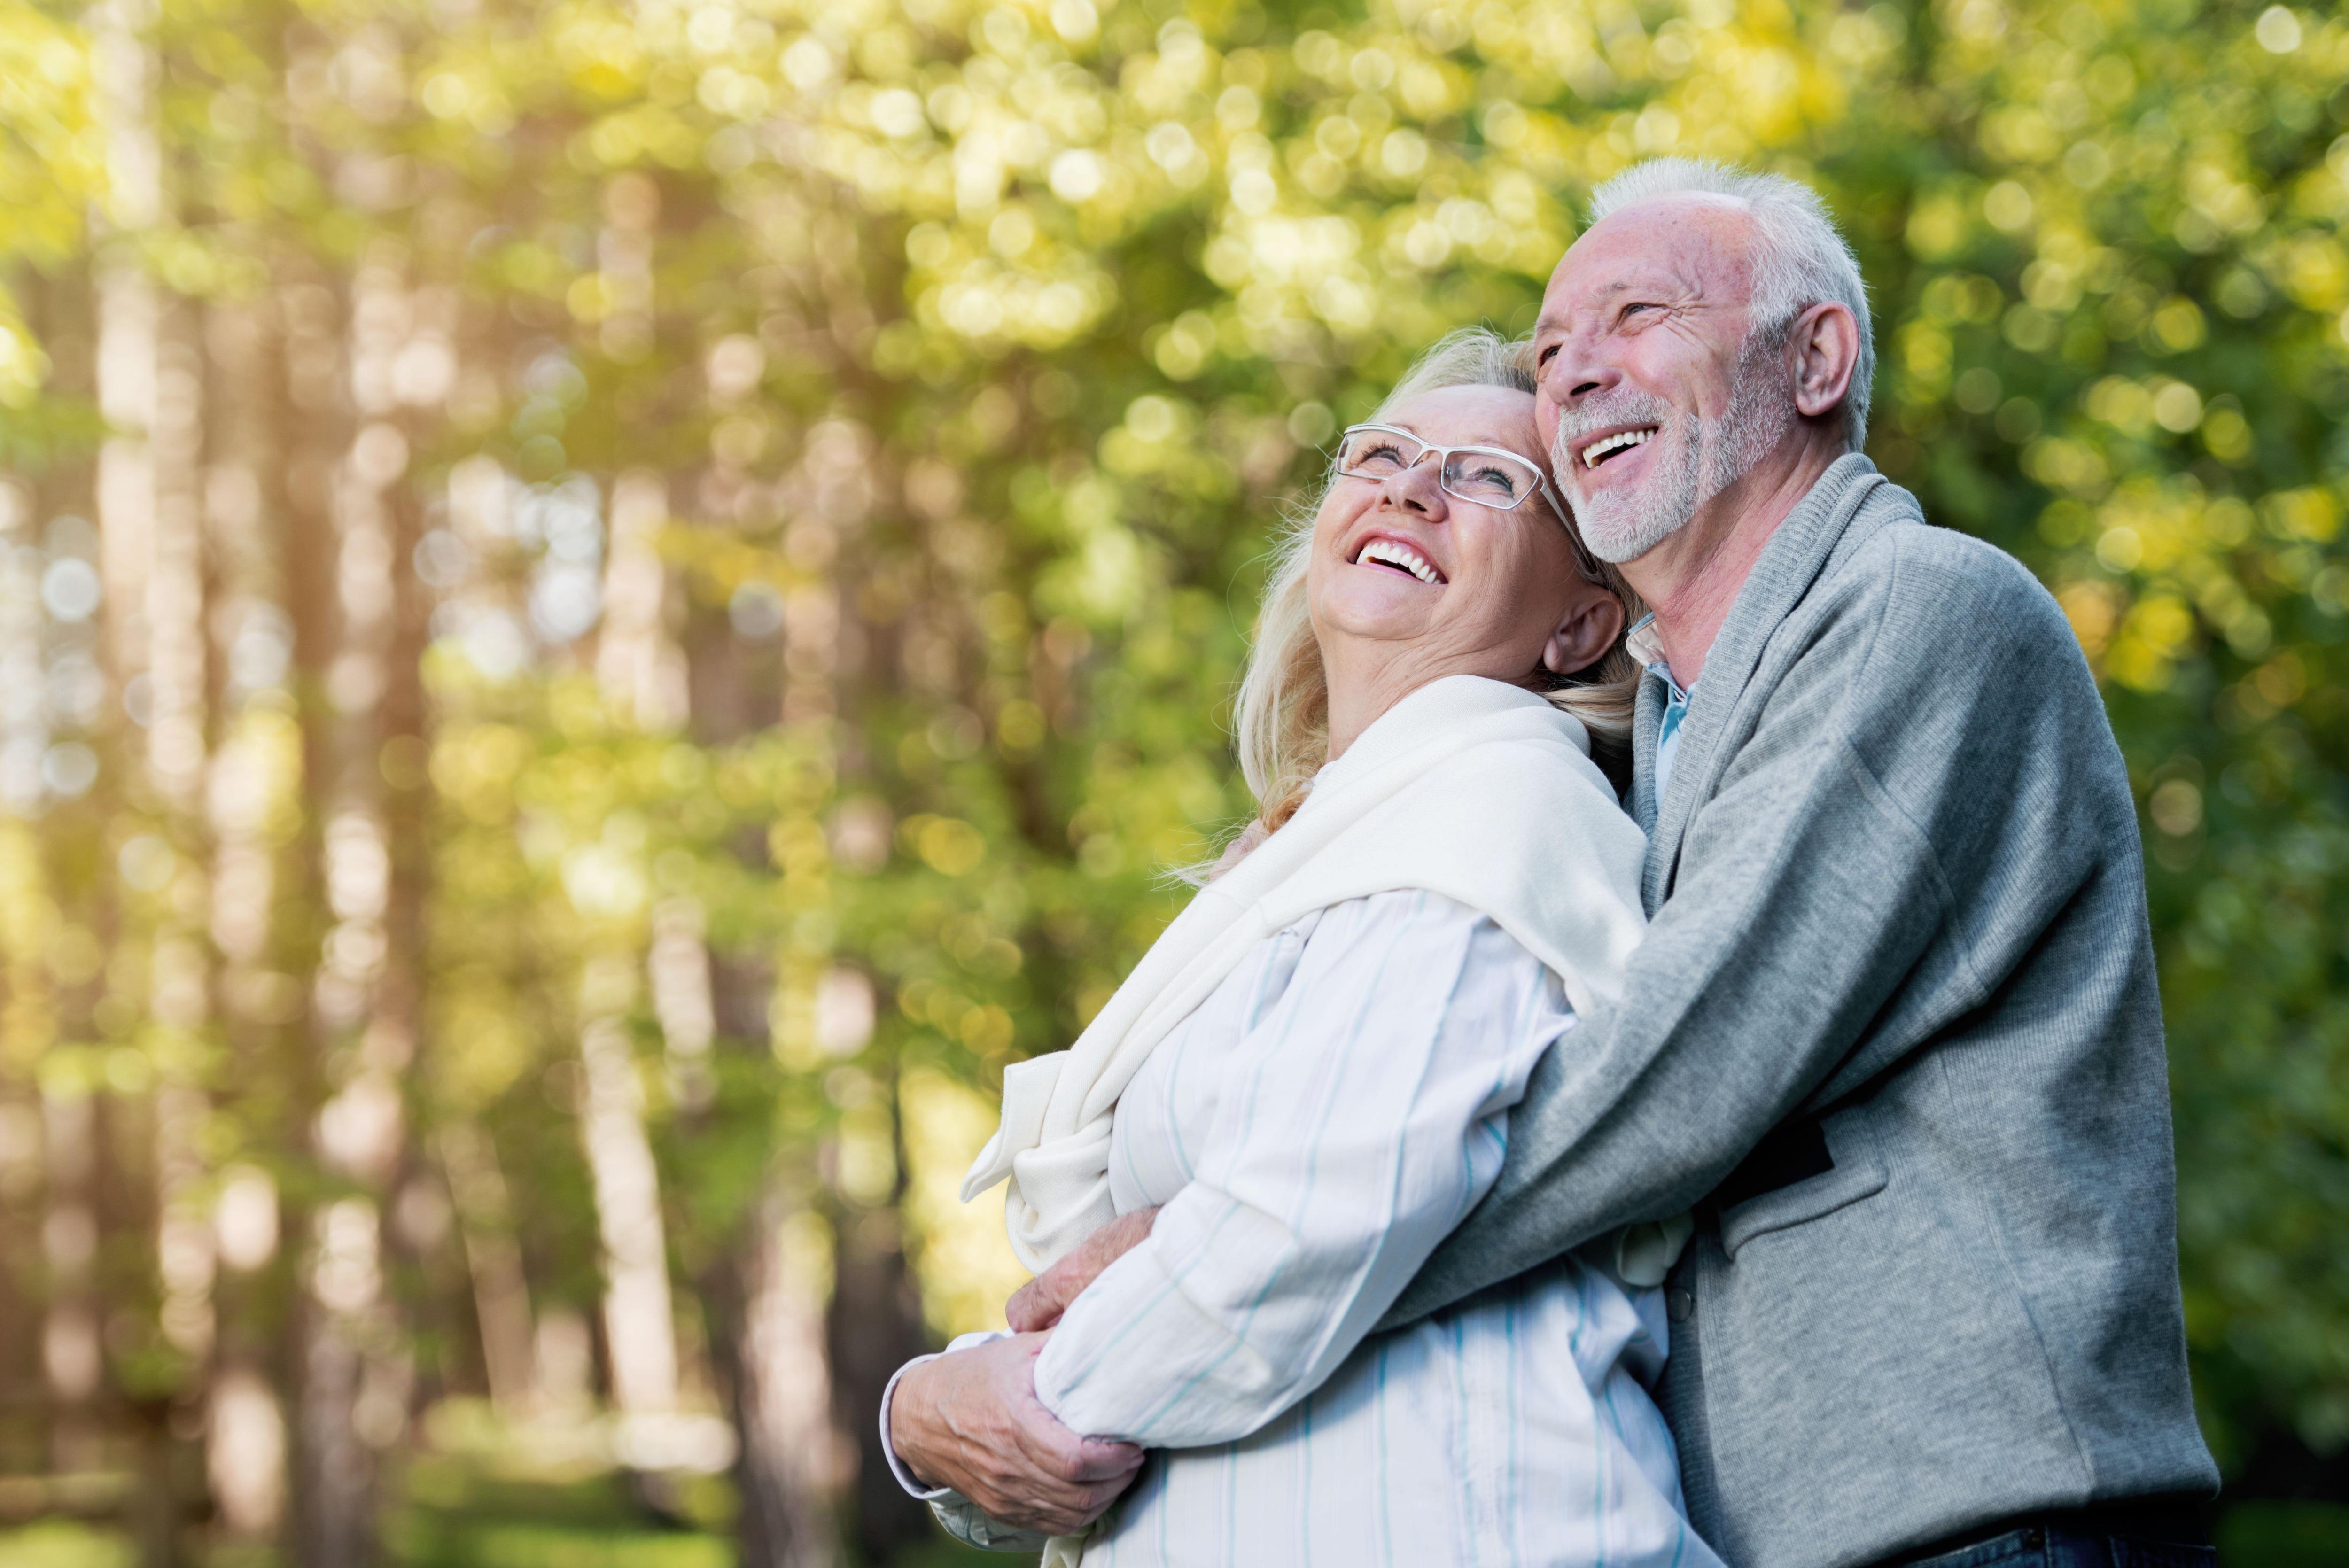 Si las personas quieren mantener una buena salud emocional, y no solo vivir cuantos más años mejor, sino además disfrutarlos, no se aíslen (Shutterstock.com)